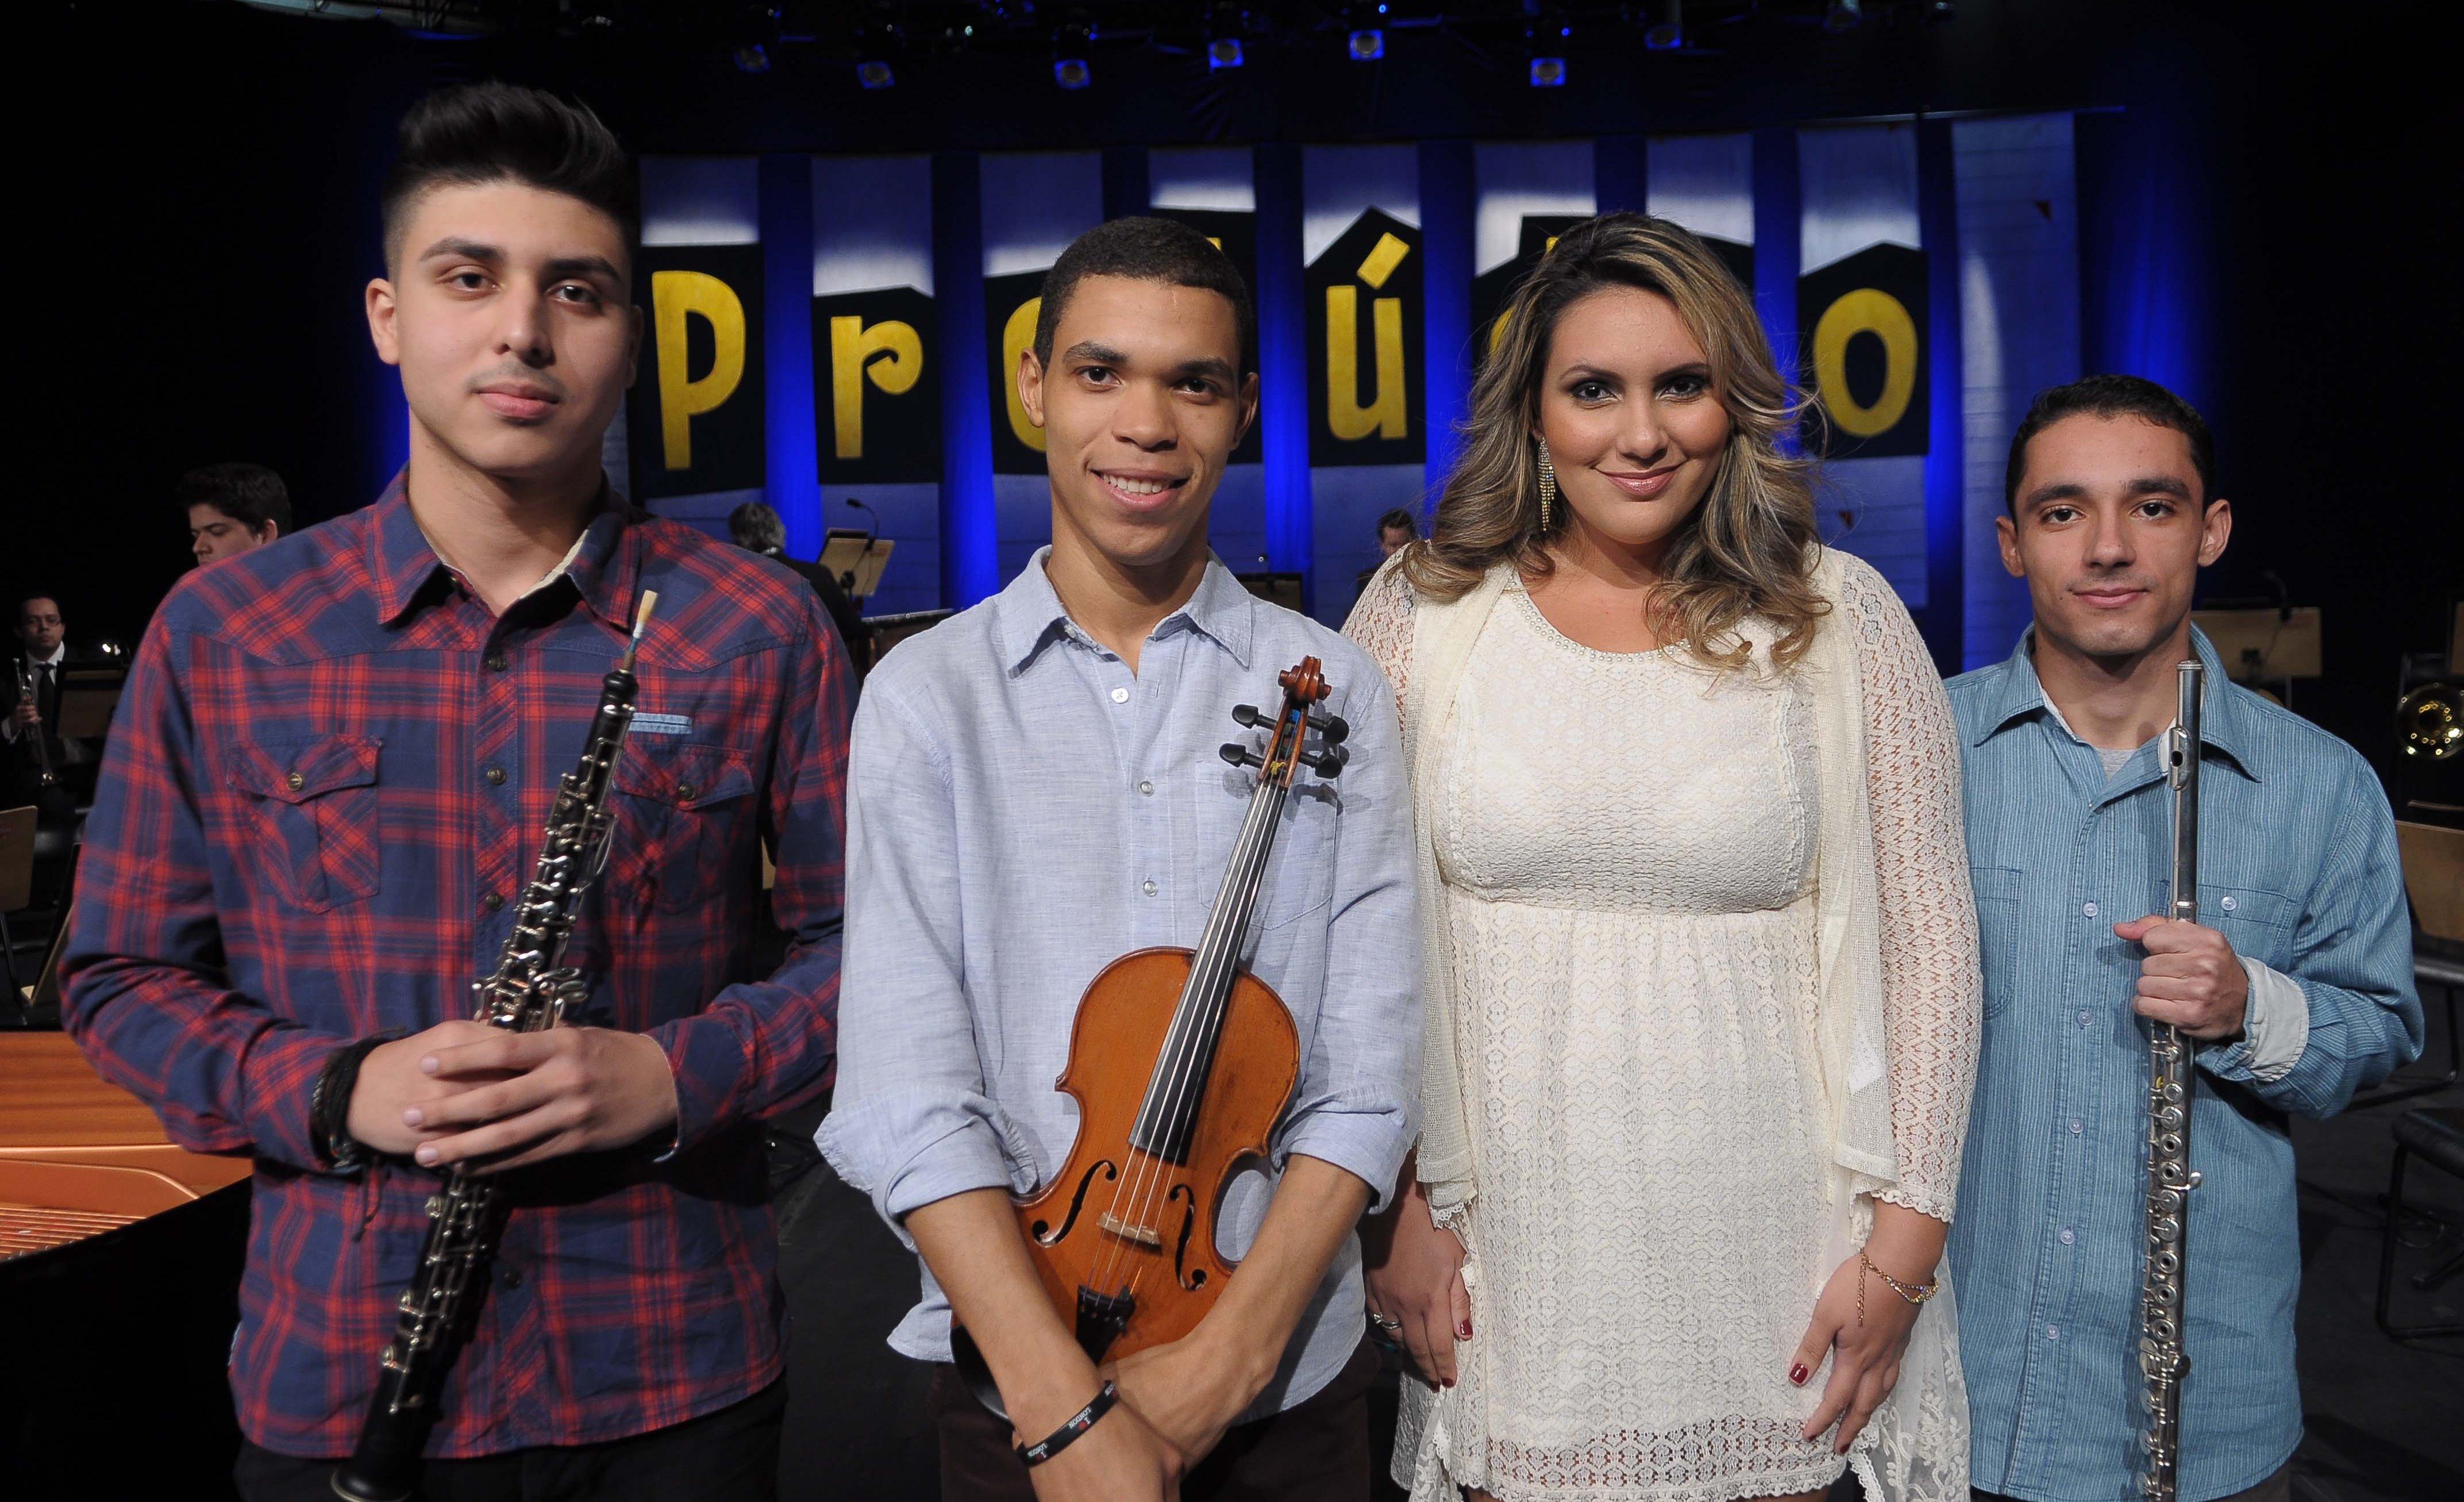 Mais quatro jovens talentos sobem ao palco do Teatro Franco Zampari, em São Paulo, em busca de duas vagas para a 2ª fase do talent show da TV Cultura. Às 12h, na TV Cultura